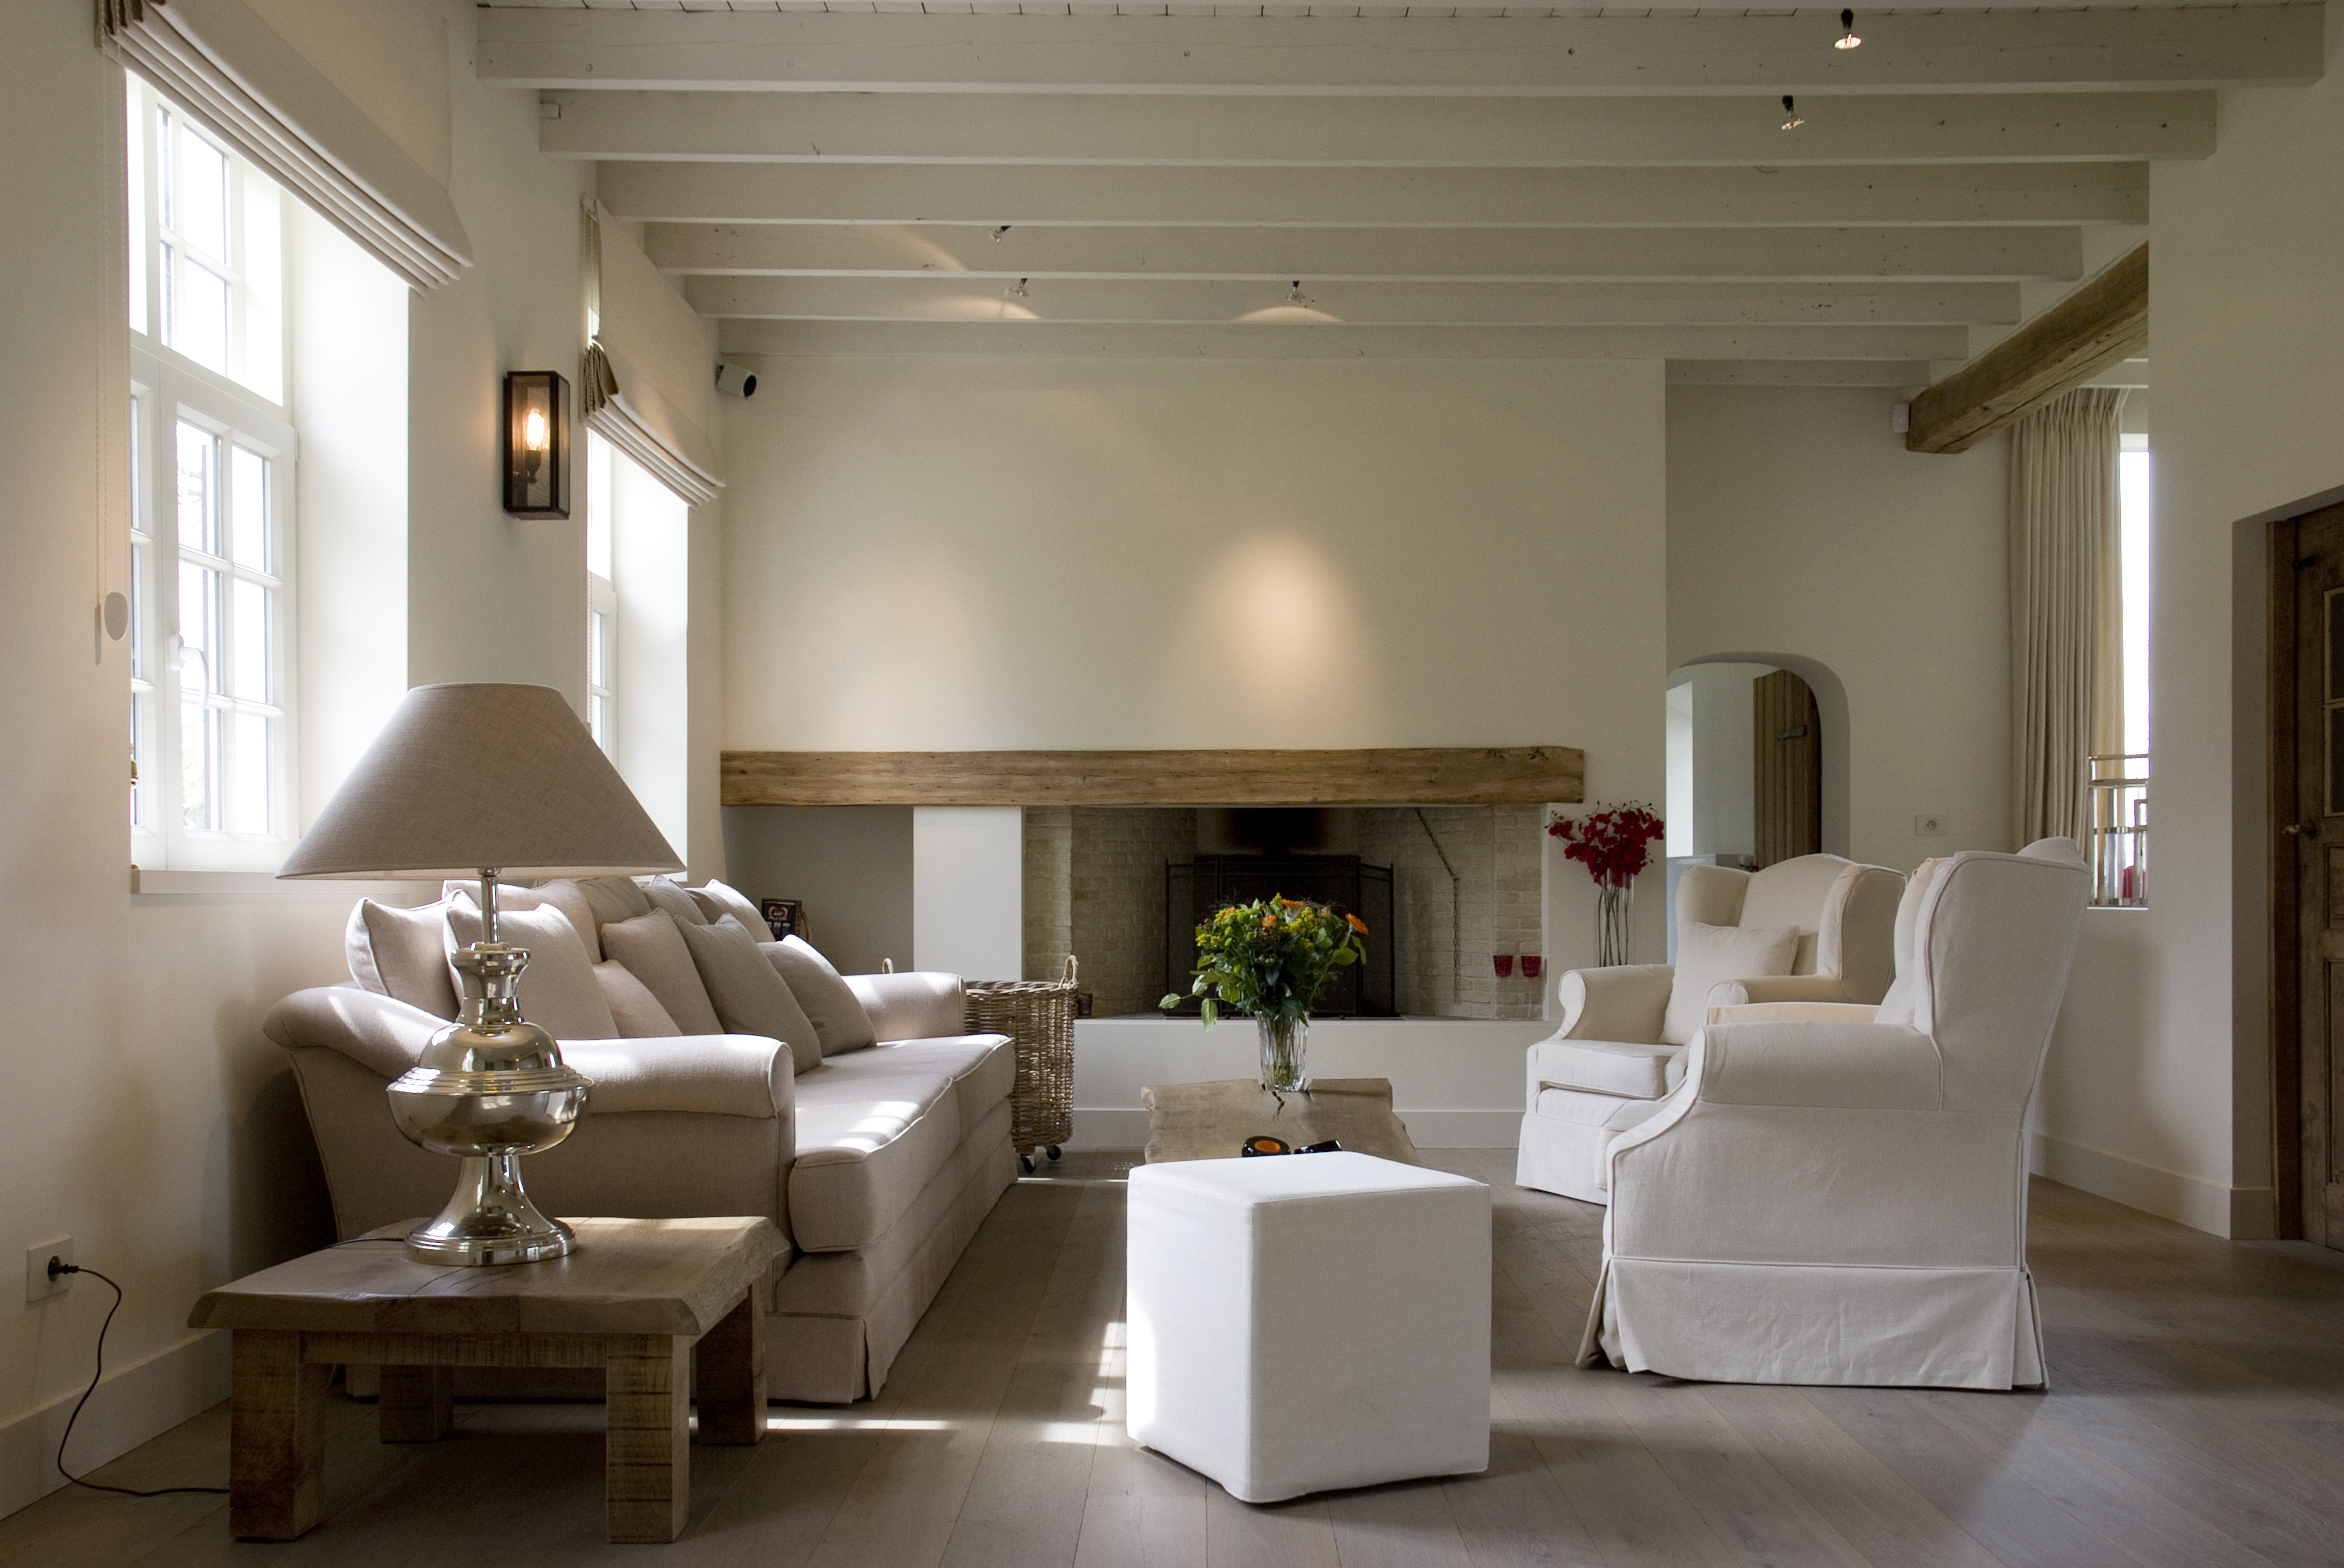 Exclusieve en karaktervolle hoeve landhuis - Renovatie huis exterieur voor na ...